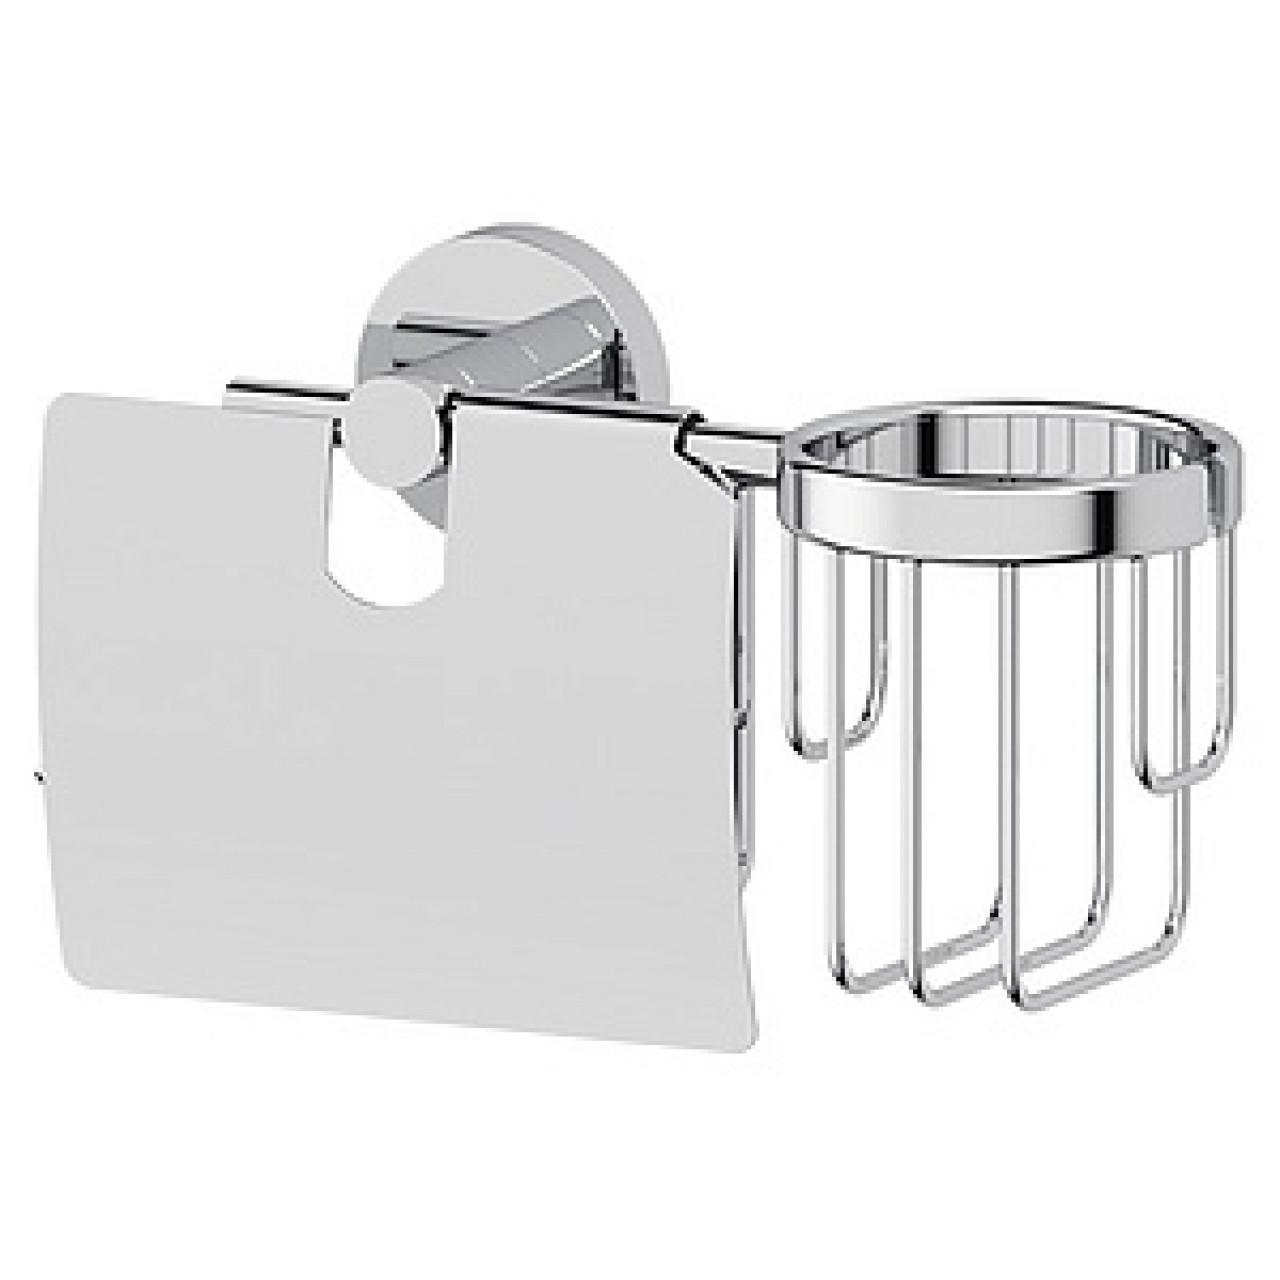 Держатель освежителя воздуха Artwelle Harmonie HAR 051 с держателем туалетной бумаги купить в Москве по цене от 3951р. в интернет-магазине mebel-v-vannu.ru